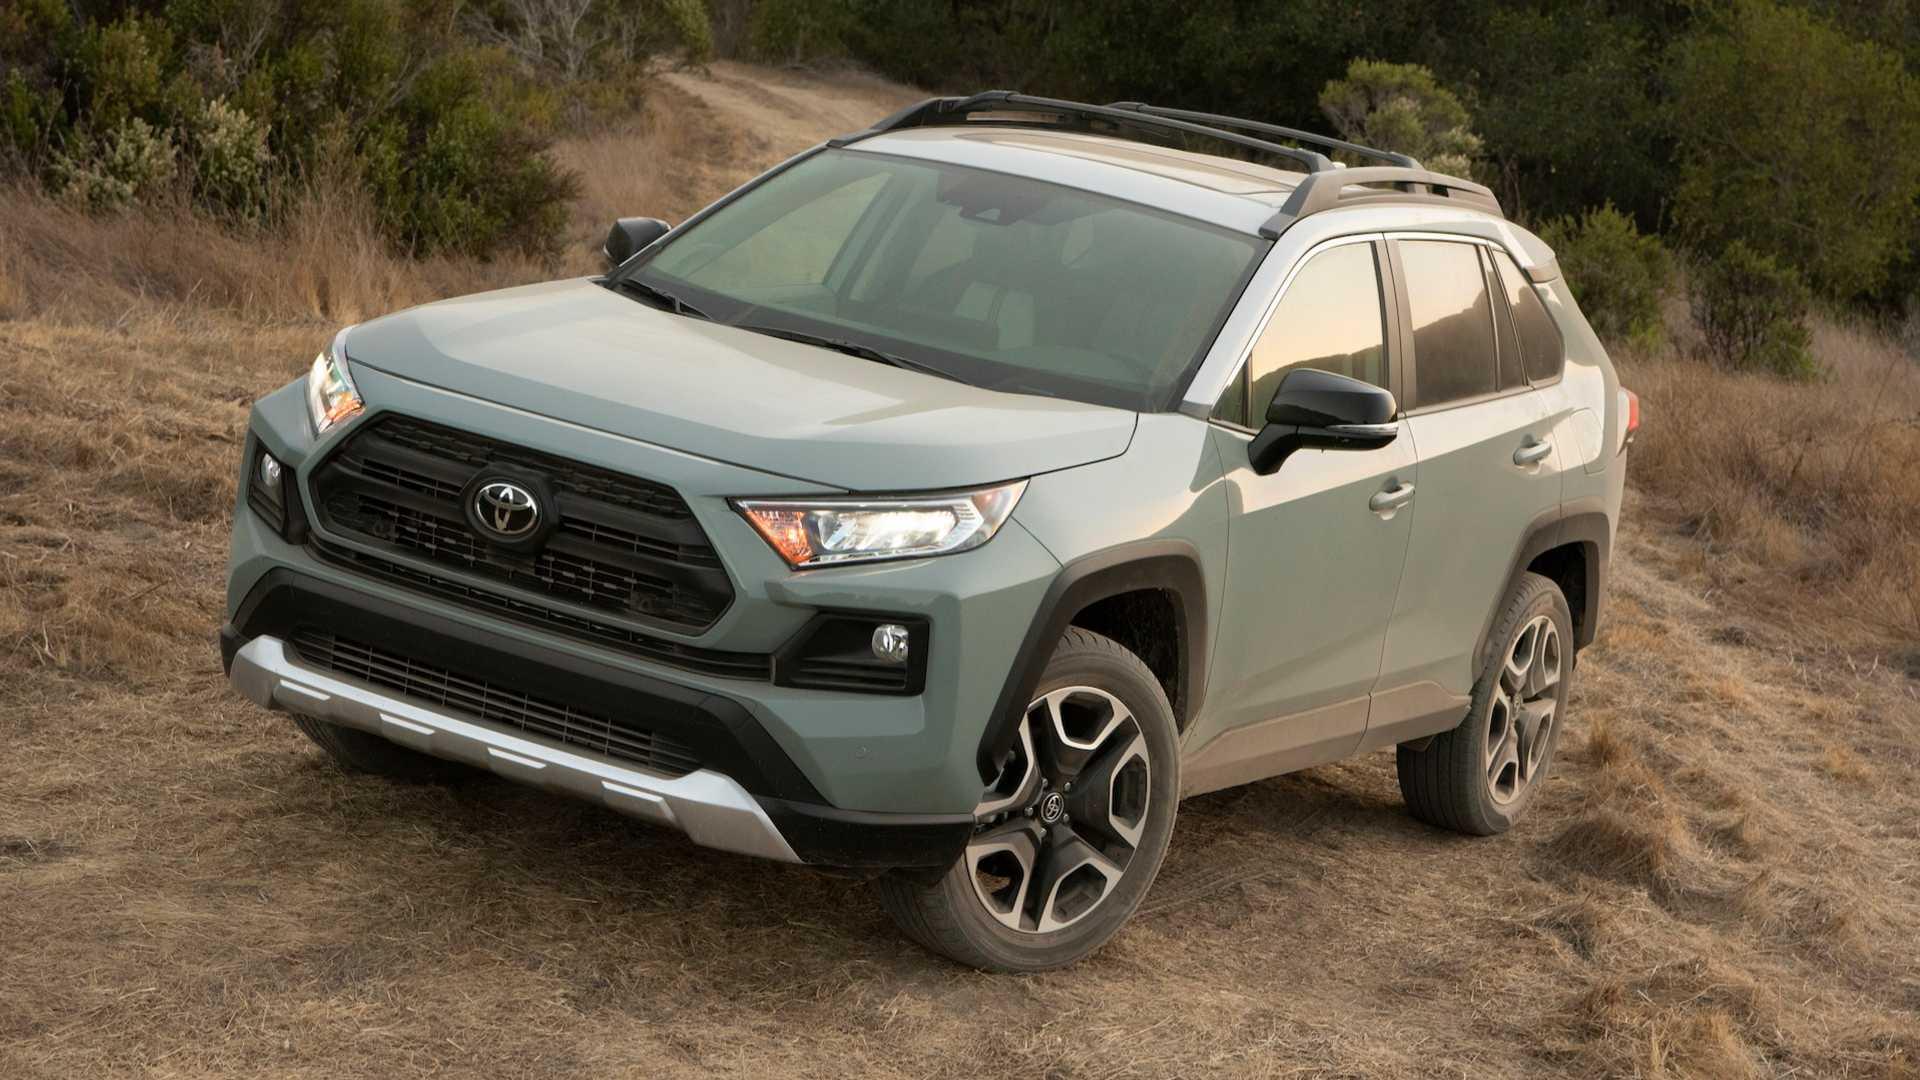 76 All New 2019 Toyota Rav4 Redesign for 2019 Toyota Rav4